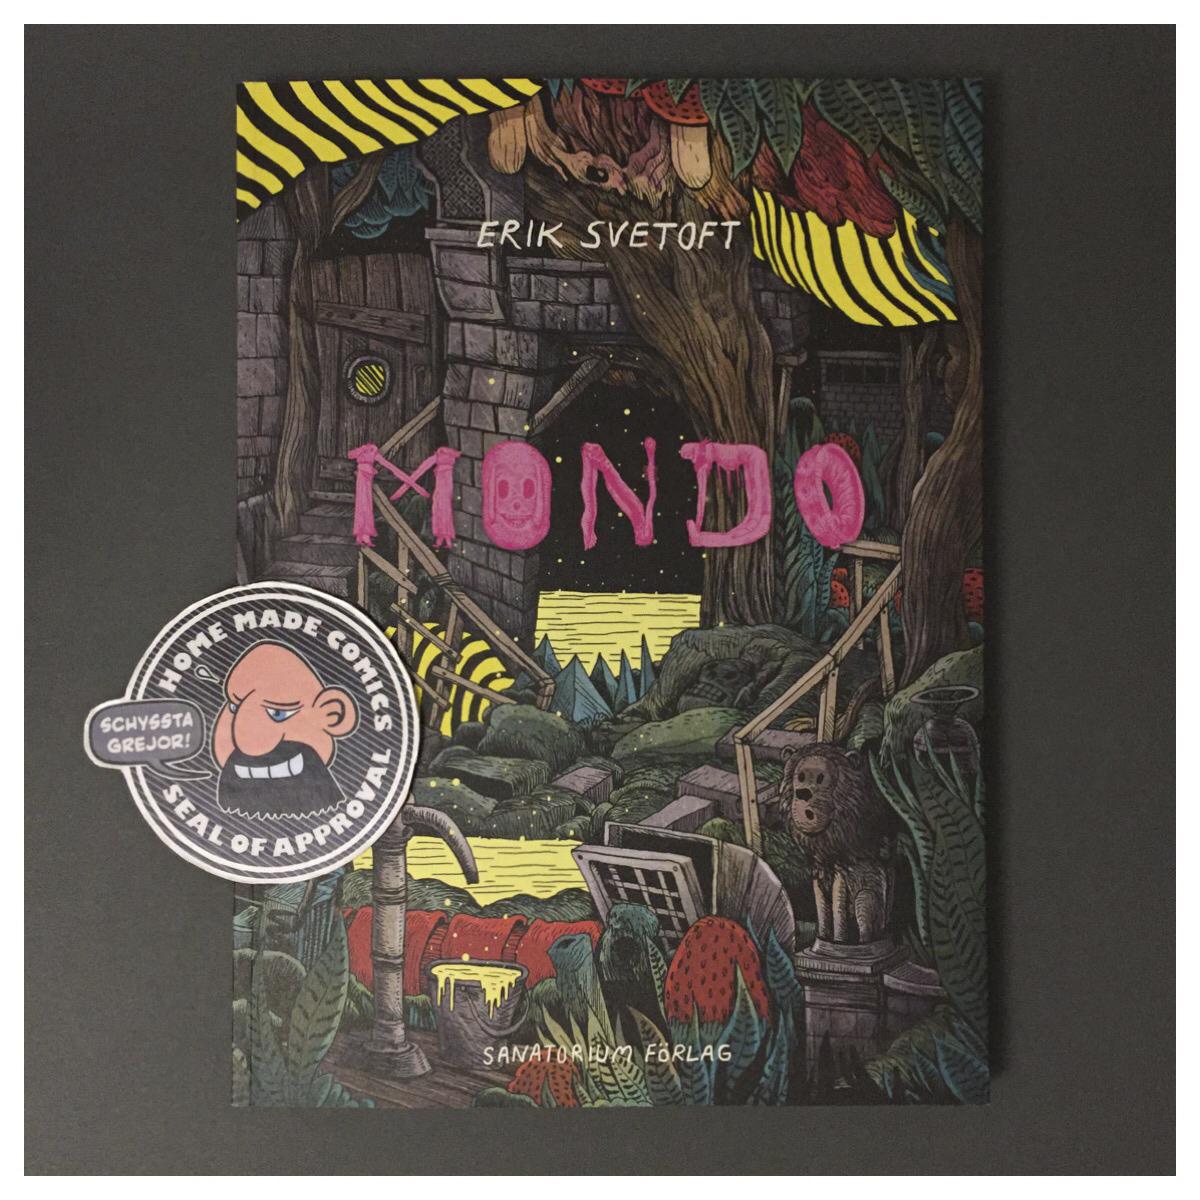 Home Made Comics Seal of Approval #206. Mondo av Erik Svetoft utgiven av Sanatorium Förlag 2017.